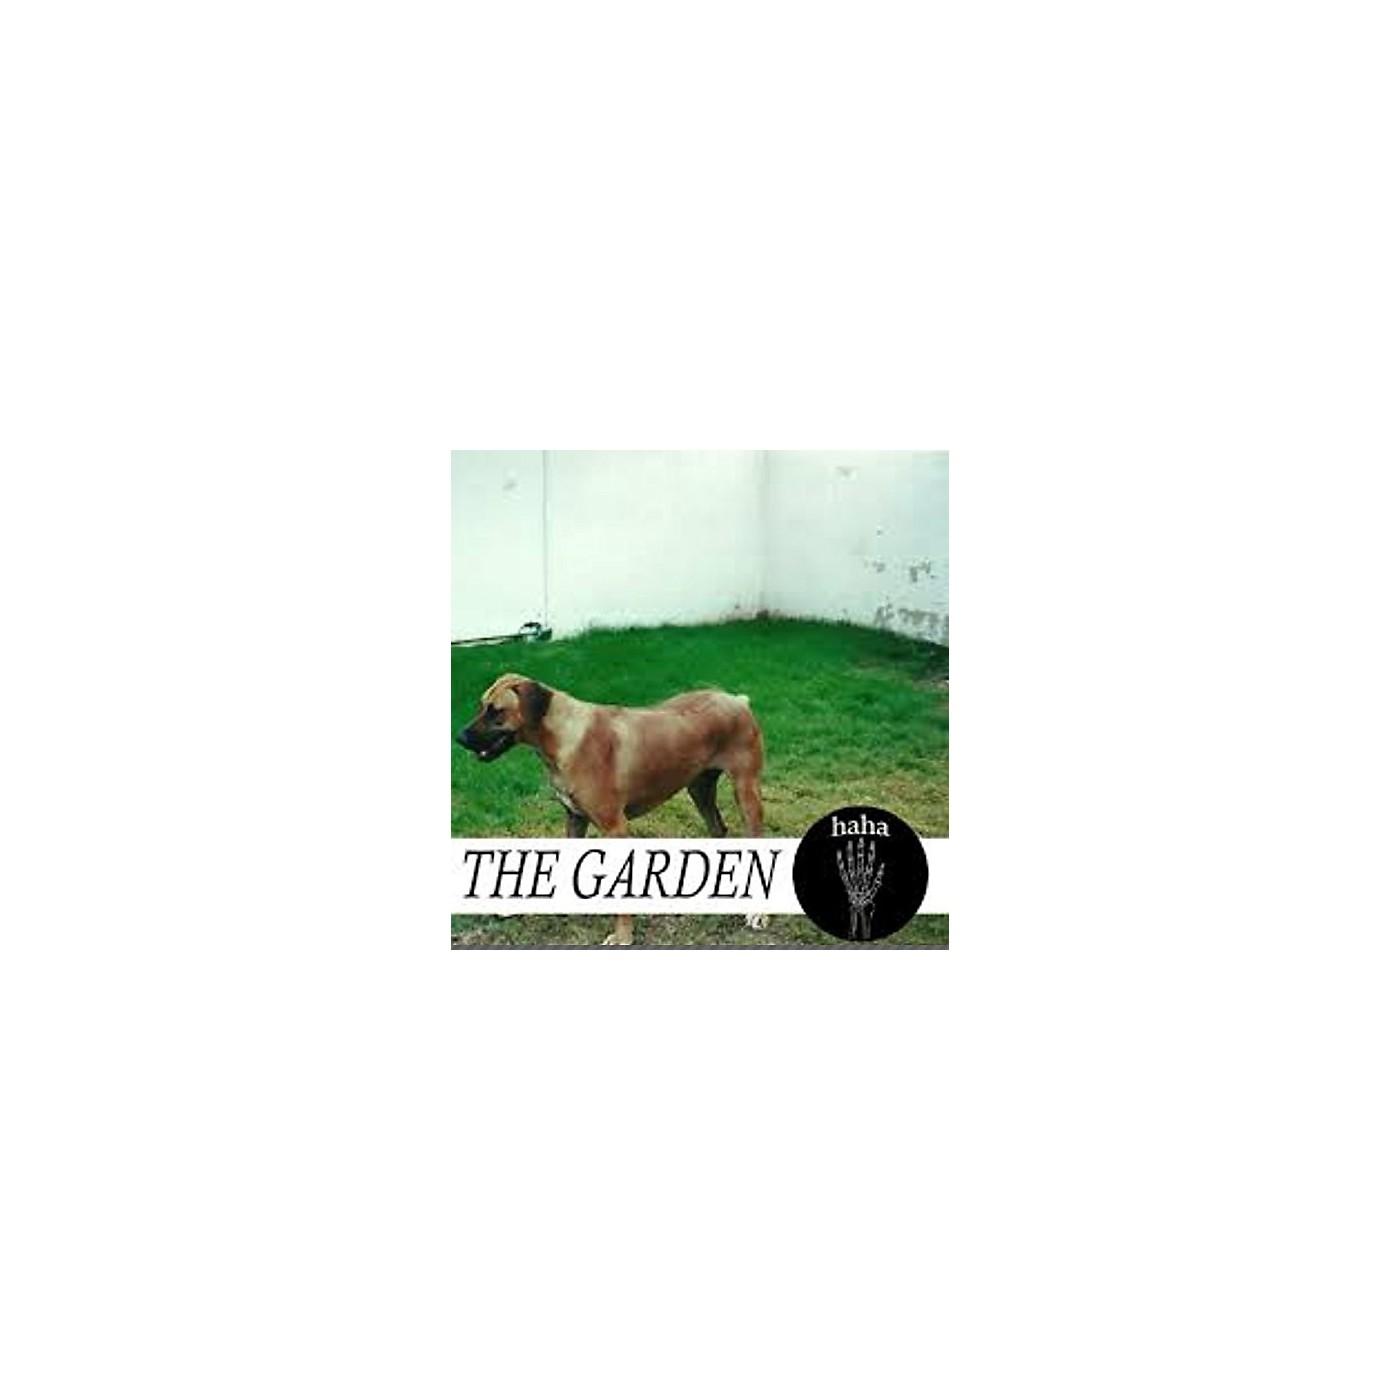 Alliance The Garden - Haha thumbnail